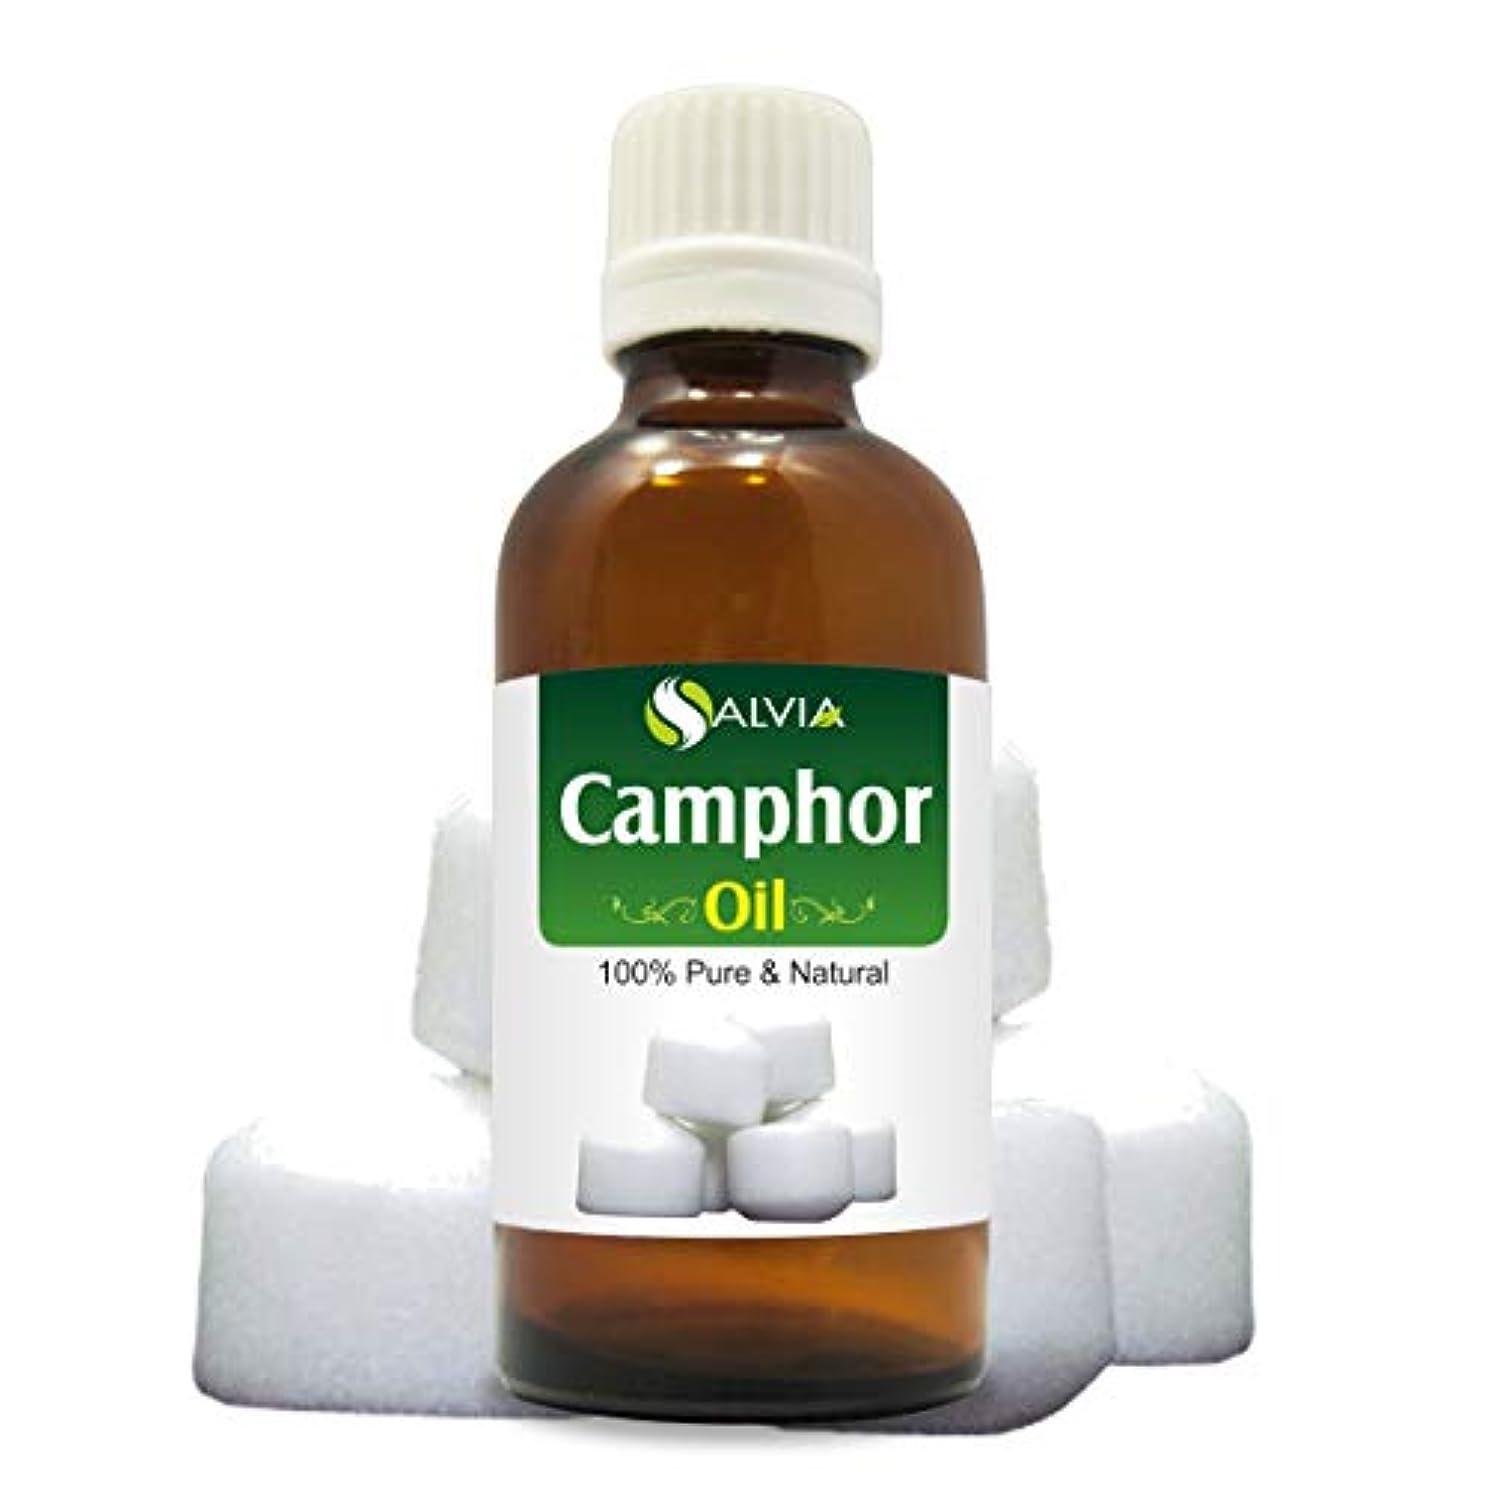 作詞家工場ニコチンCamphor 100% Natural Pure Essential Oil 15ml